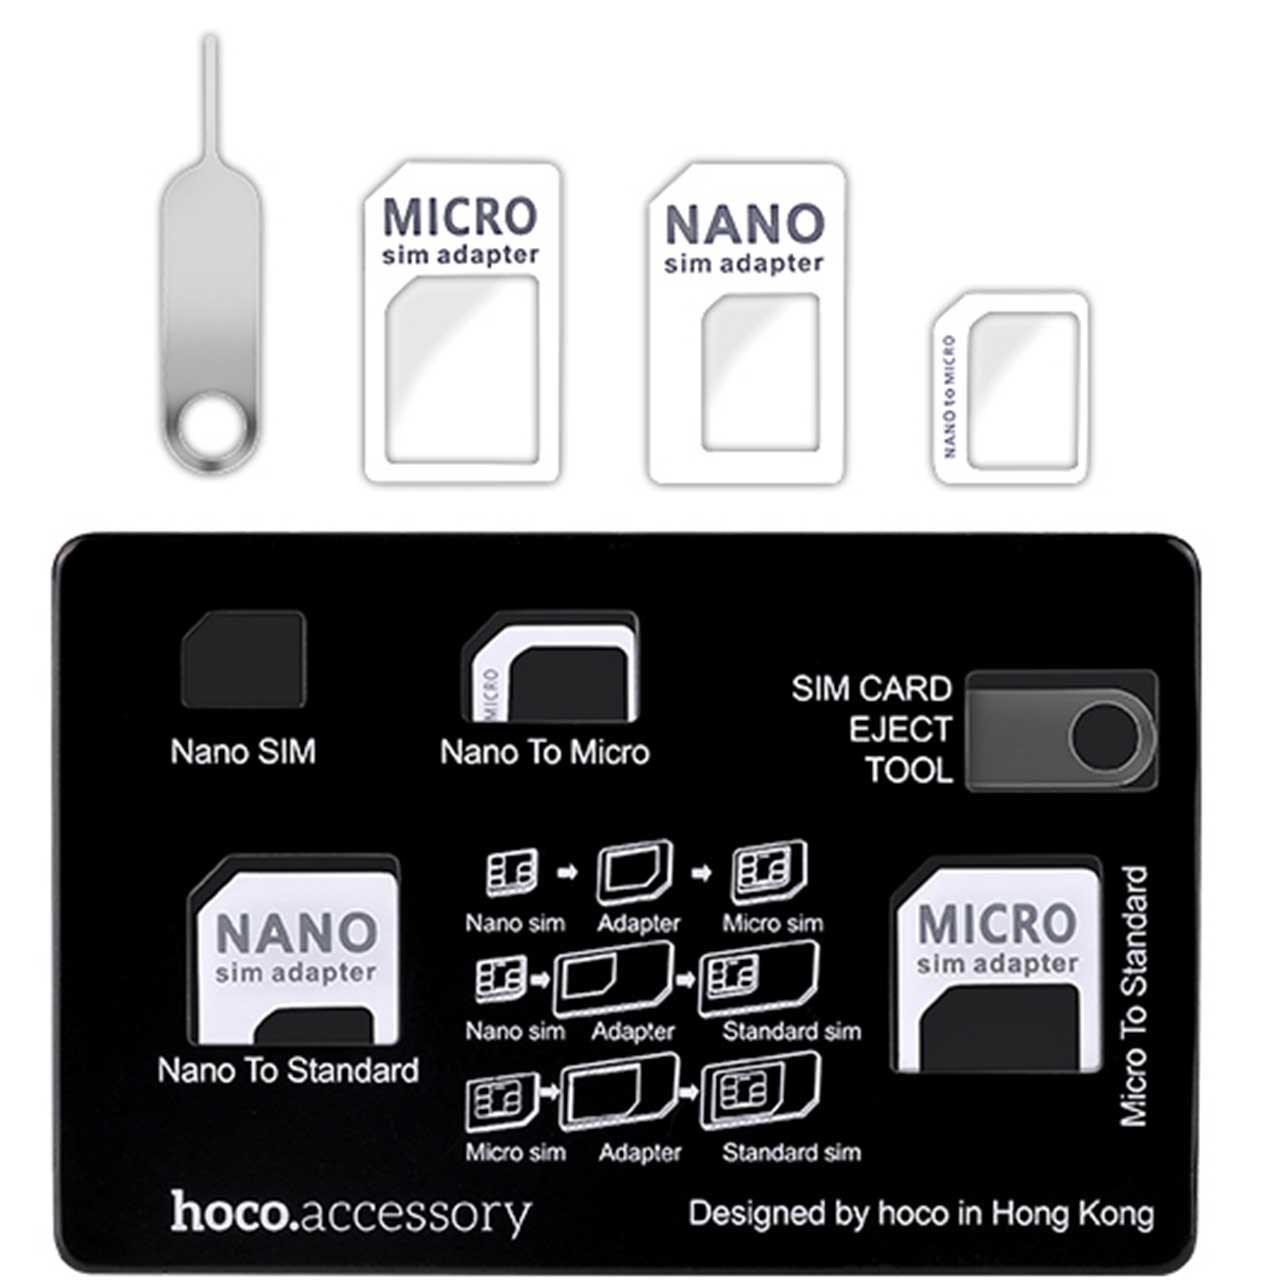 تبدیل سیم کارتهای میکرو و نانو به استاندارد هوکو مدل Card Set